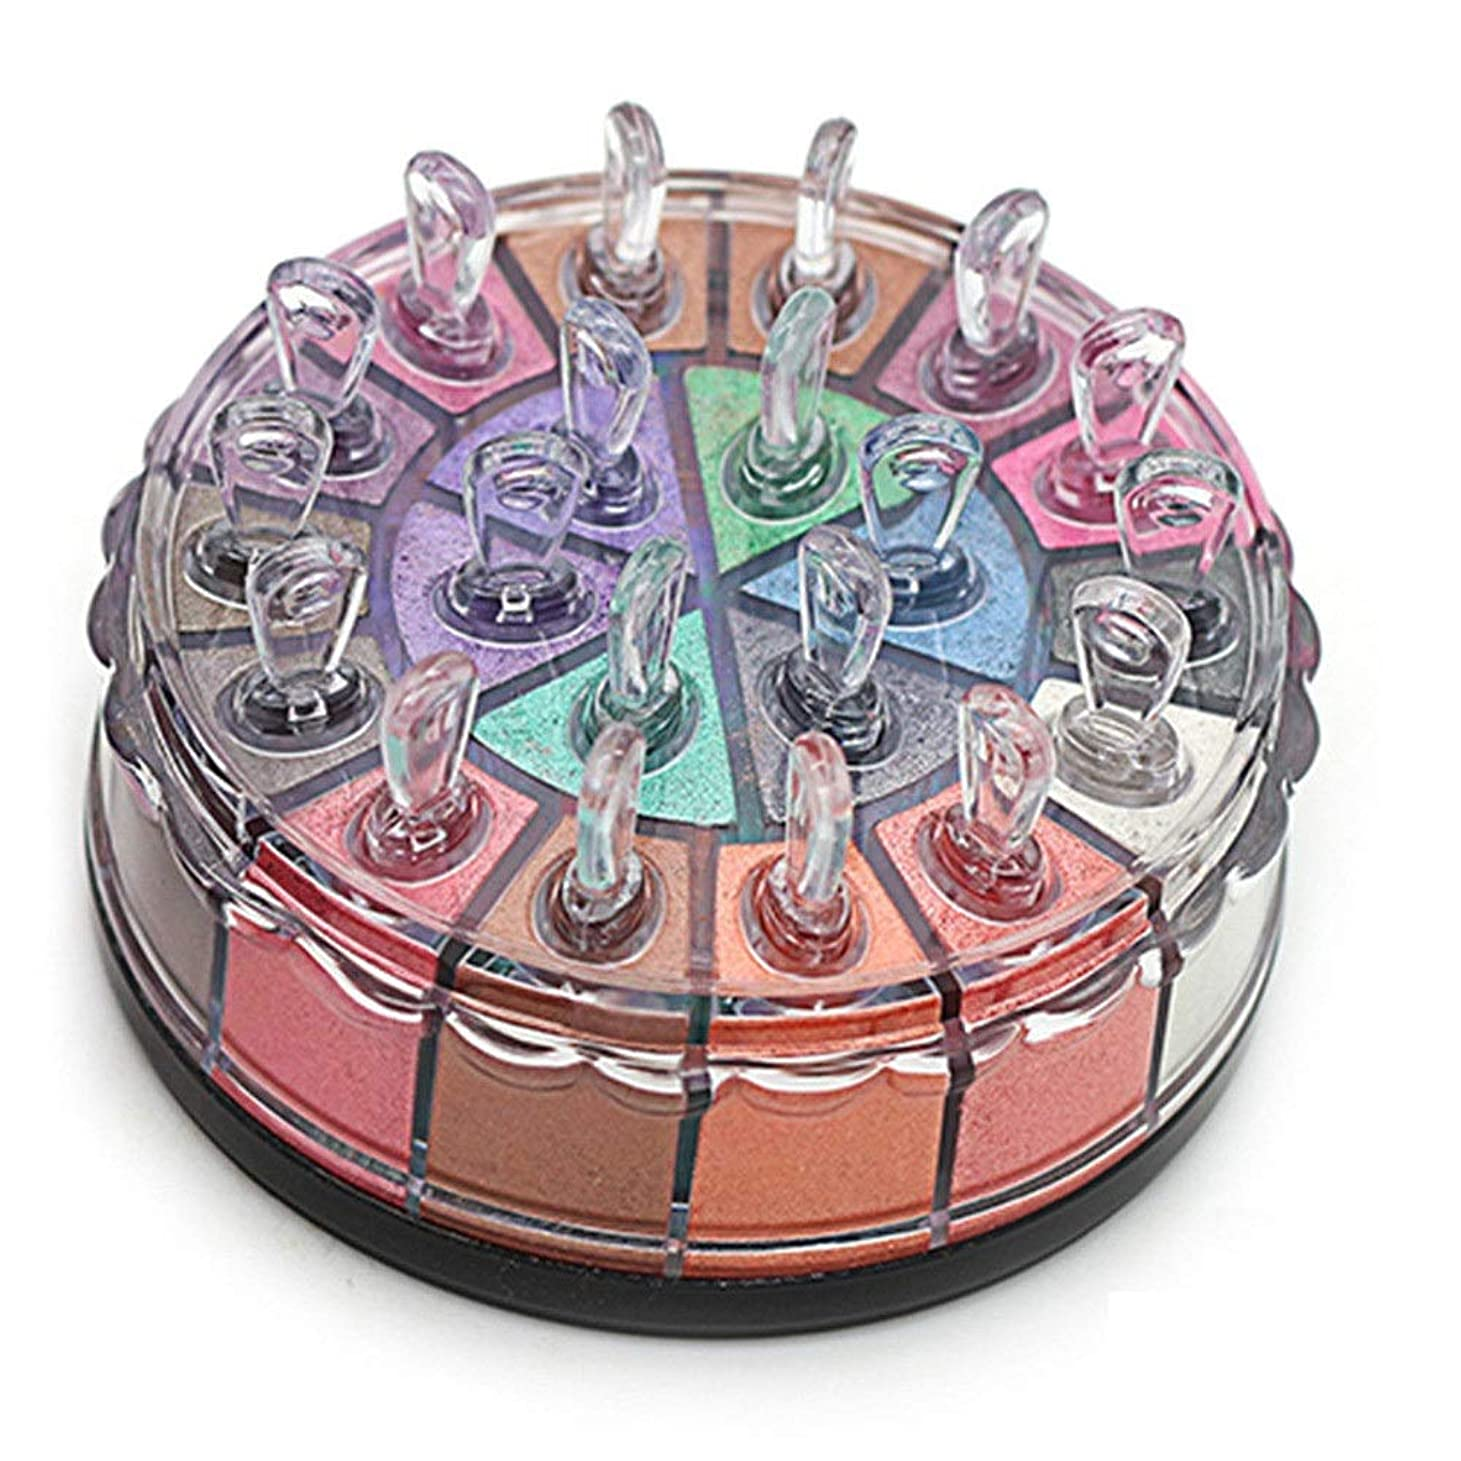 スラッシュ砂のホテルAkane アイシャドウパレット INS 人気 ファッション 超便利 キラキラ 欧米風 綺麗 可愛い 高級 つや消し マット Eye Shadow (20色)